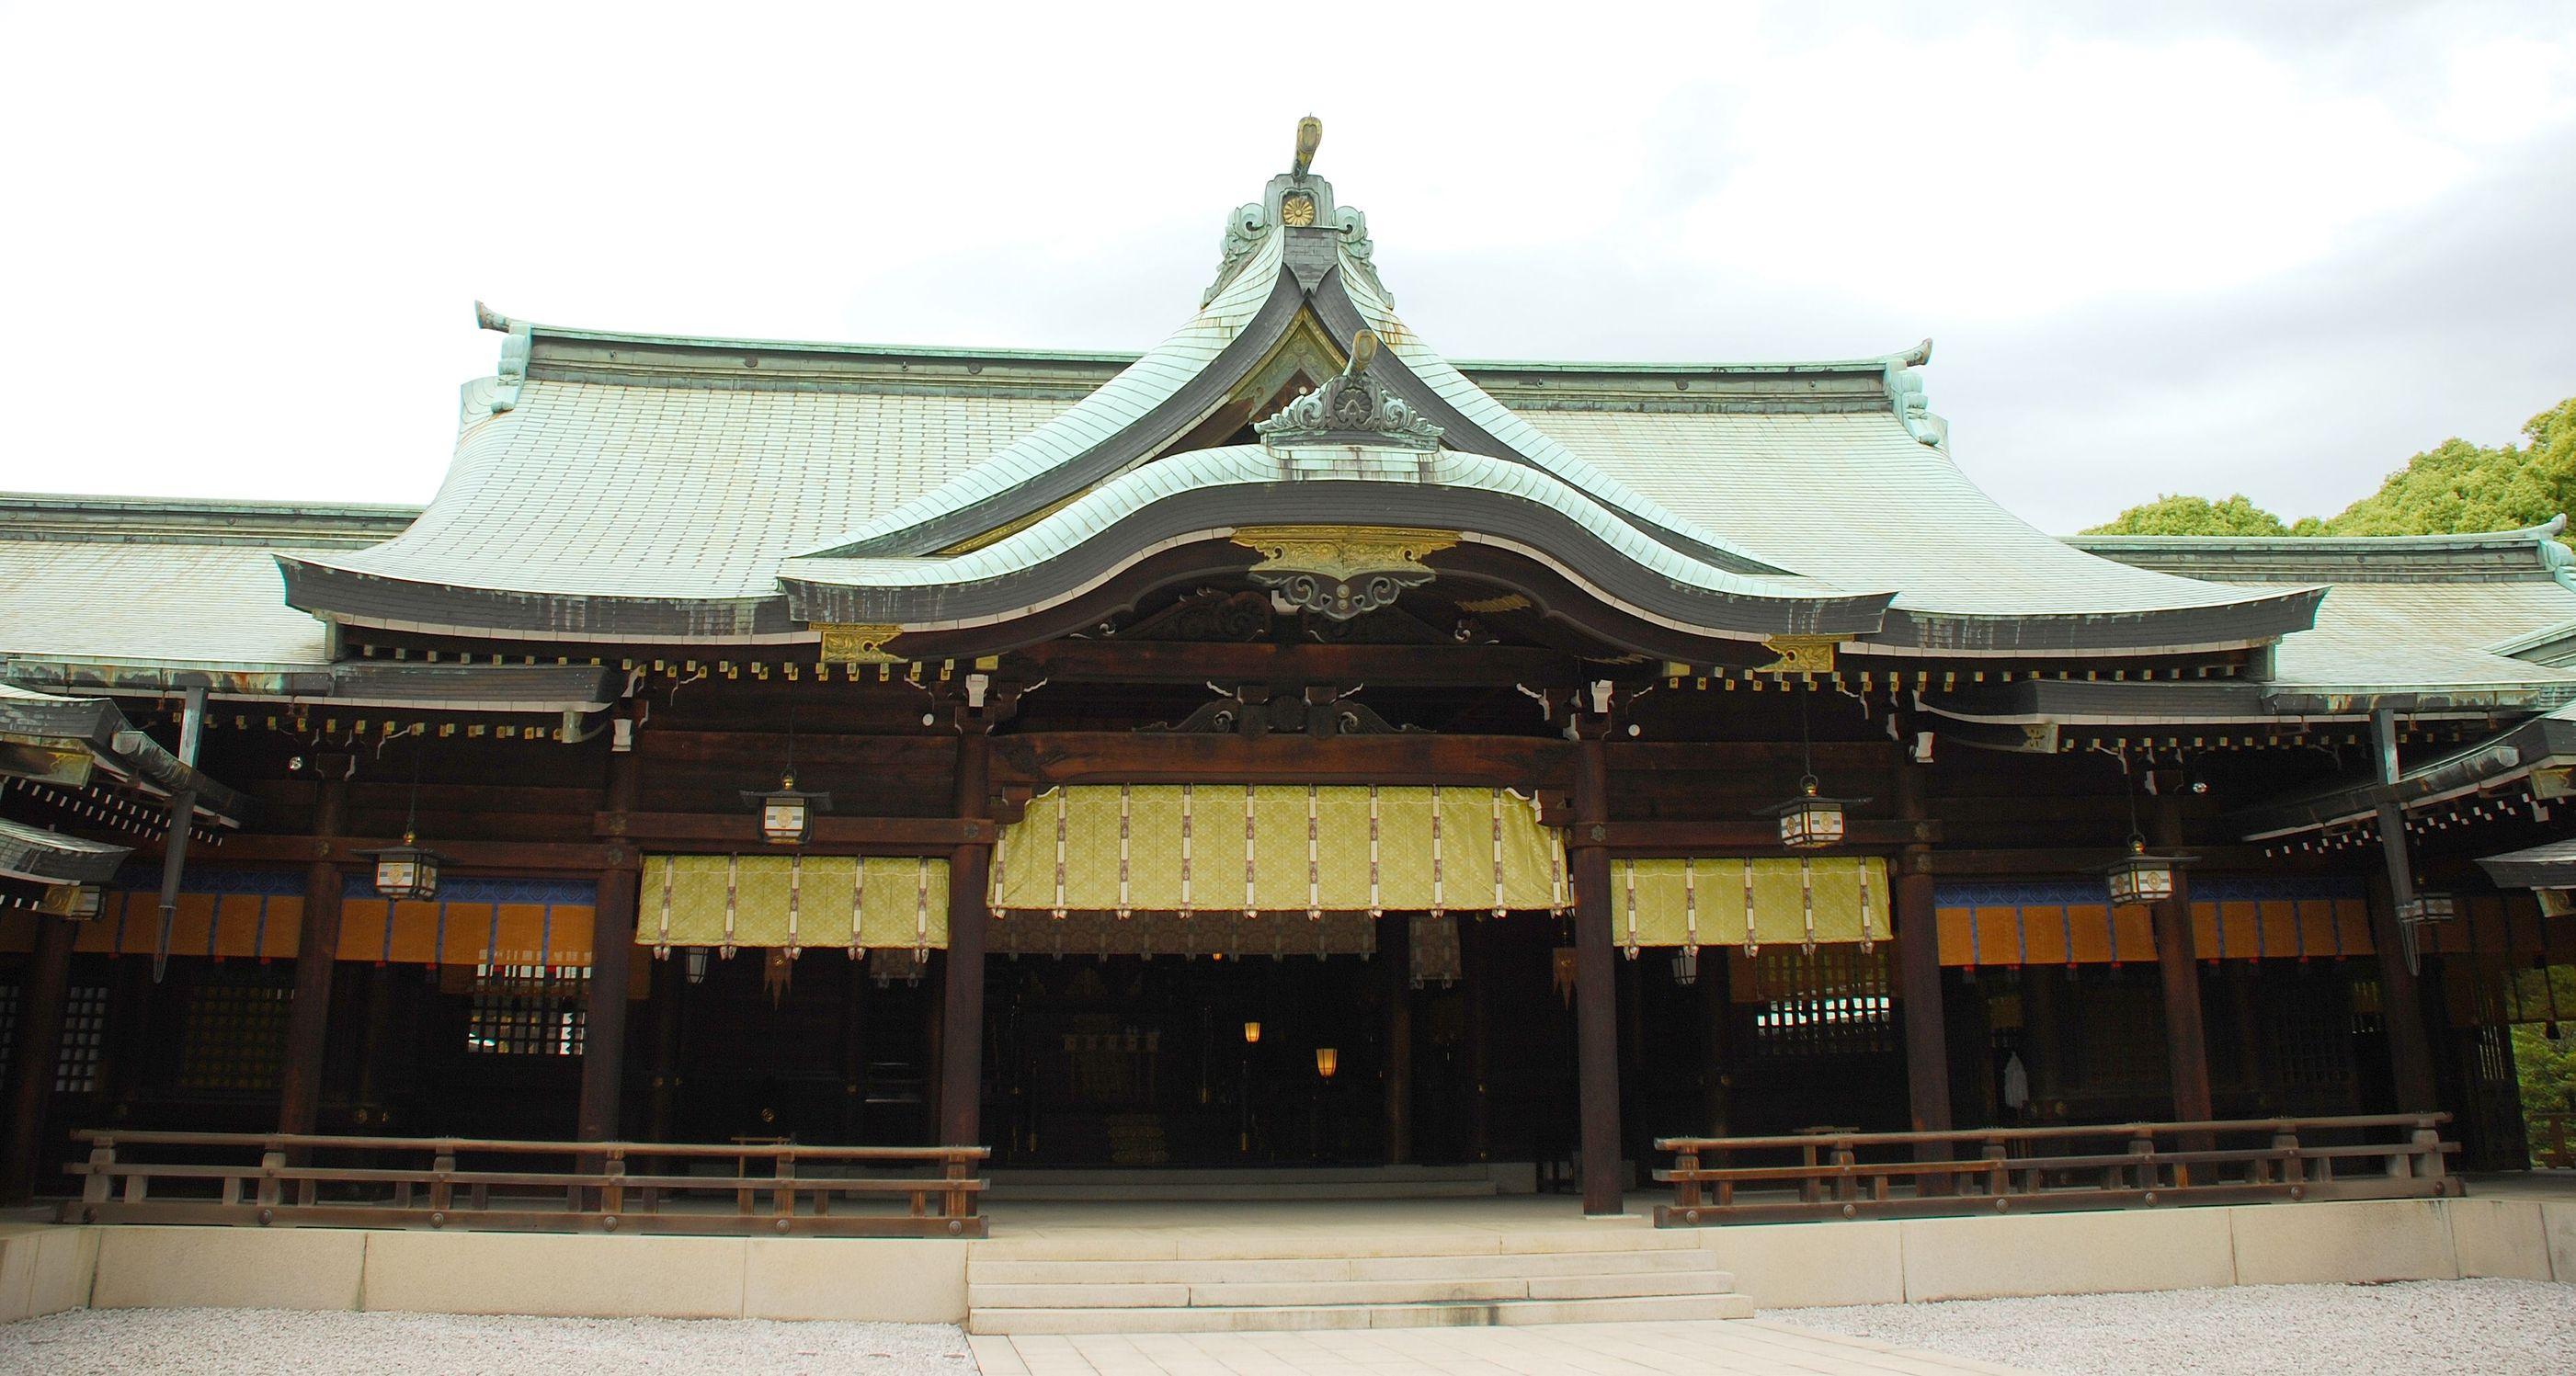 ميجي جينجو Meiji Jingu طوكيو اليابان